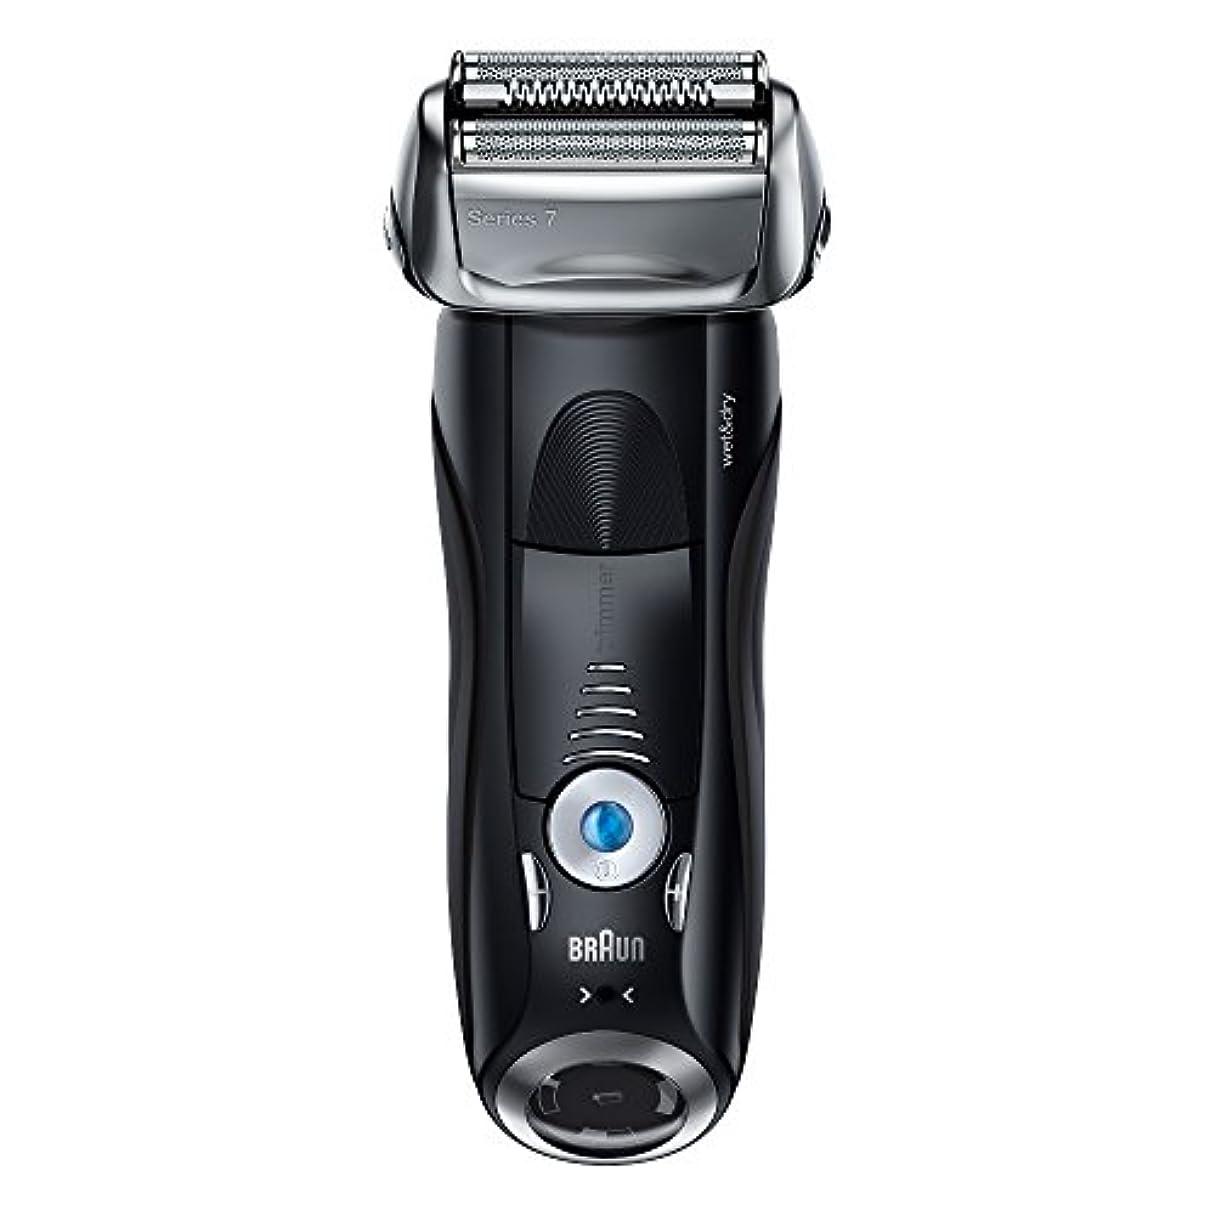 モニター軌道生じるブラウン メンズ電気シェーバー シリーズ7 7842s 4カットシステム 水洗い/お風呂剃り可